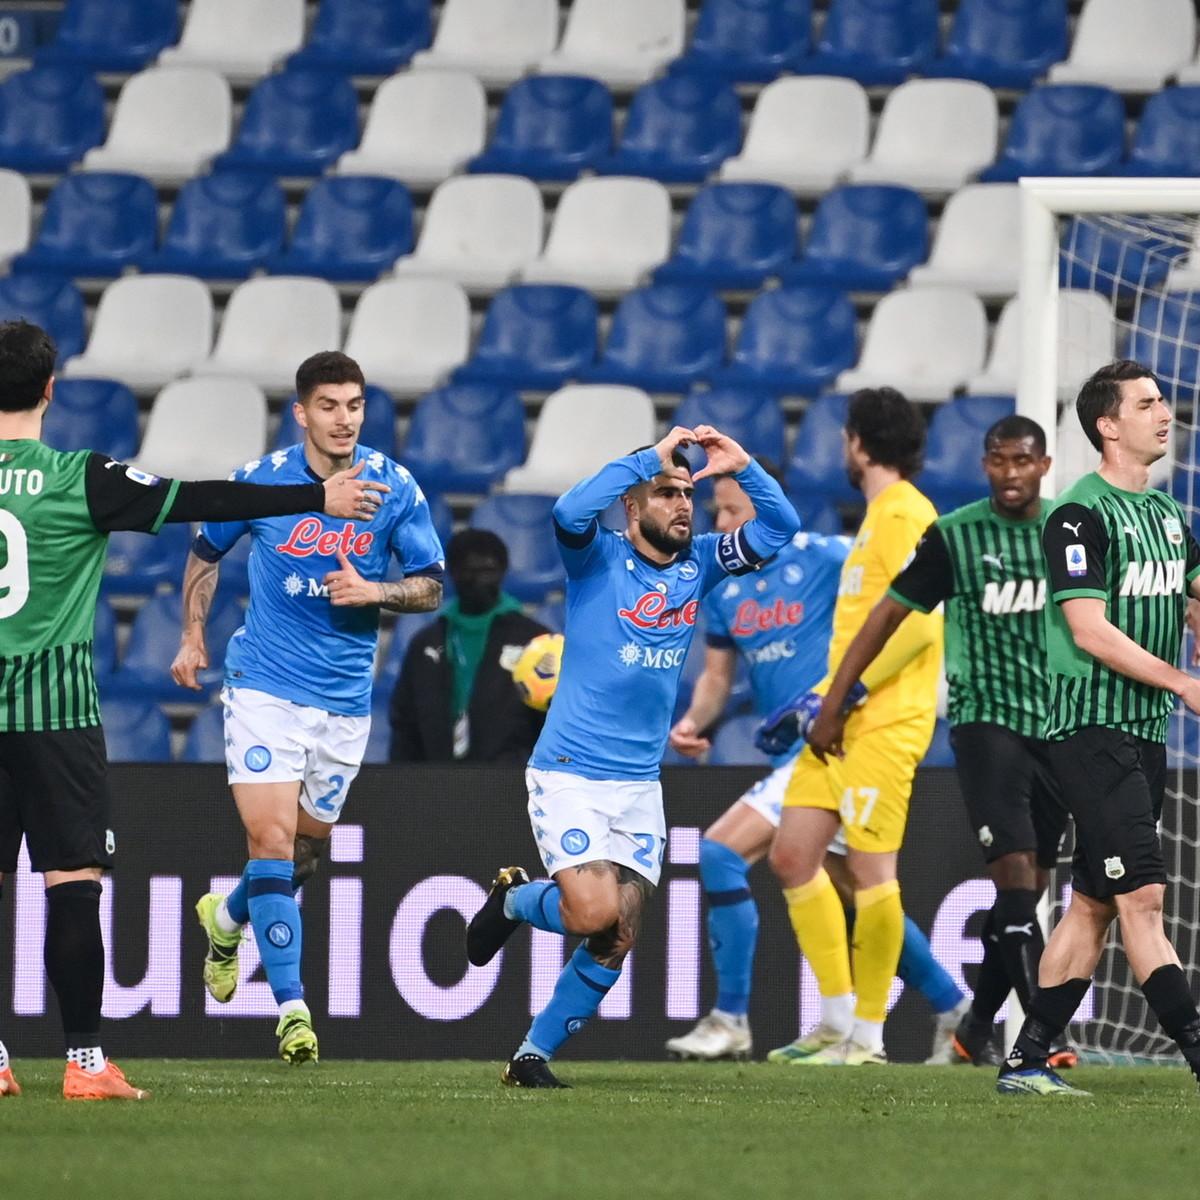 Il Napoli crea e distrugge: con il Sassuolo il riassunto della stagione